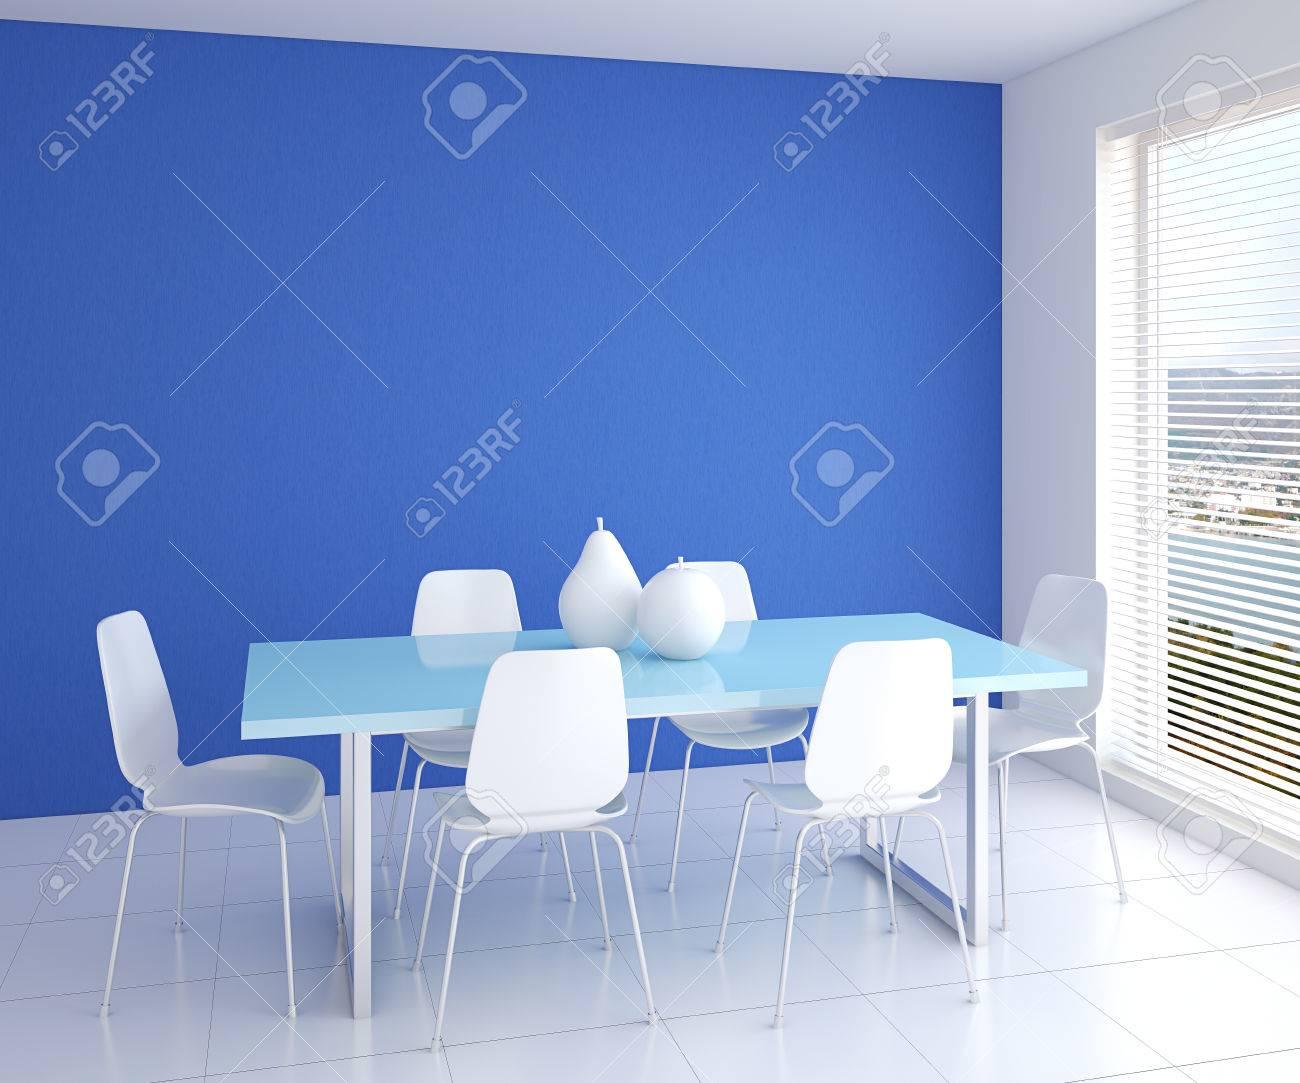 Moderne Esszimmer Interieur Mit Tisch Und Sechs Weiße Stühle In Der Nähe  Von Leere Blaue Wand